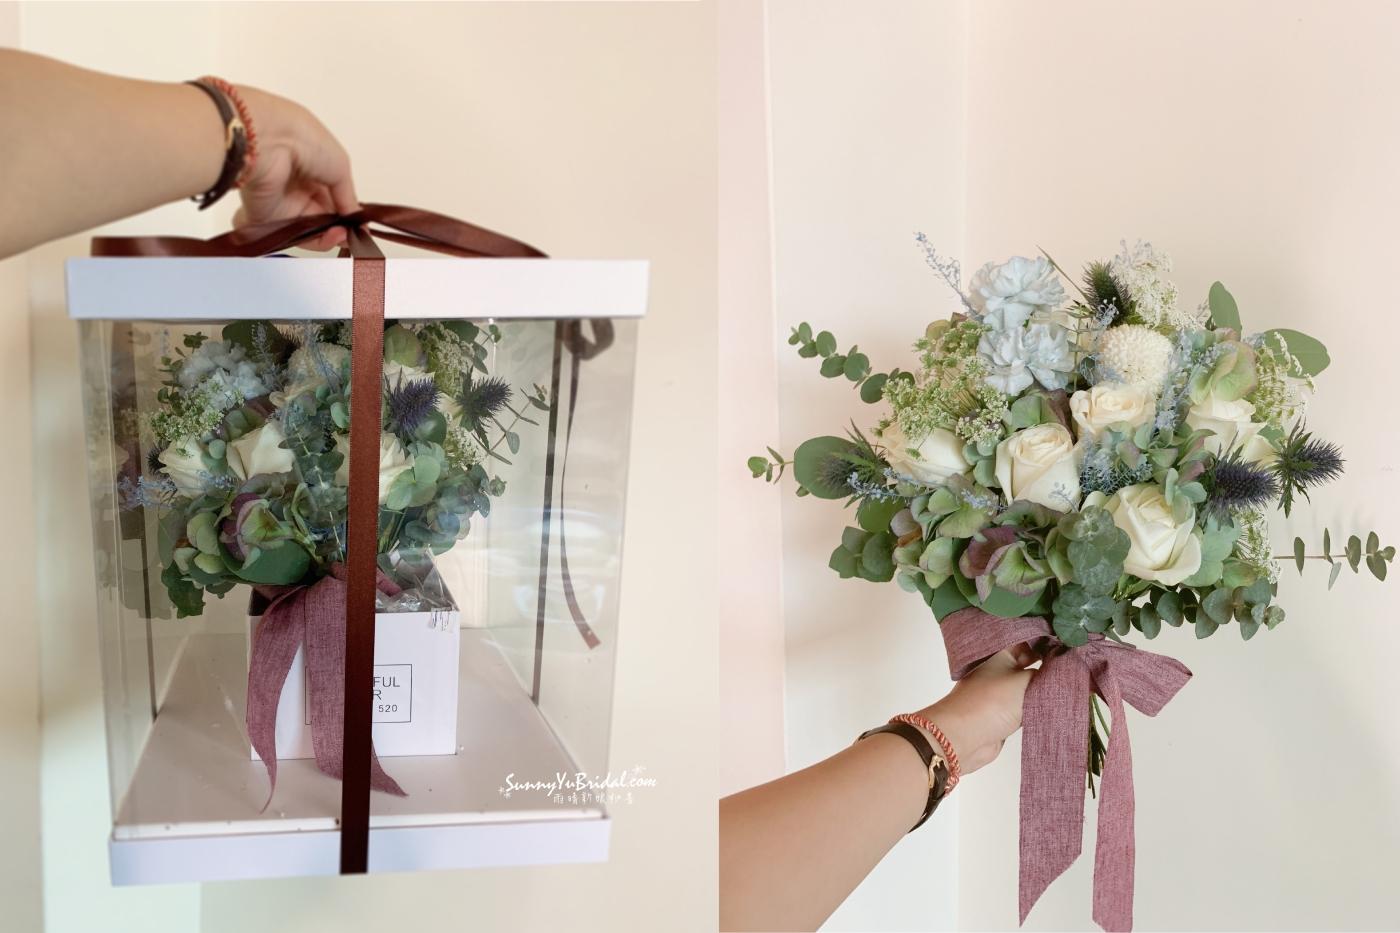 新娘捧花|新郎胸花|捧花訂製|鮮花捧花|台北新娘秘書推薦雨晴|手綁捧花|乾燥花客製捧花|玫瑰花康乃馨薊花尤加利葉